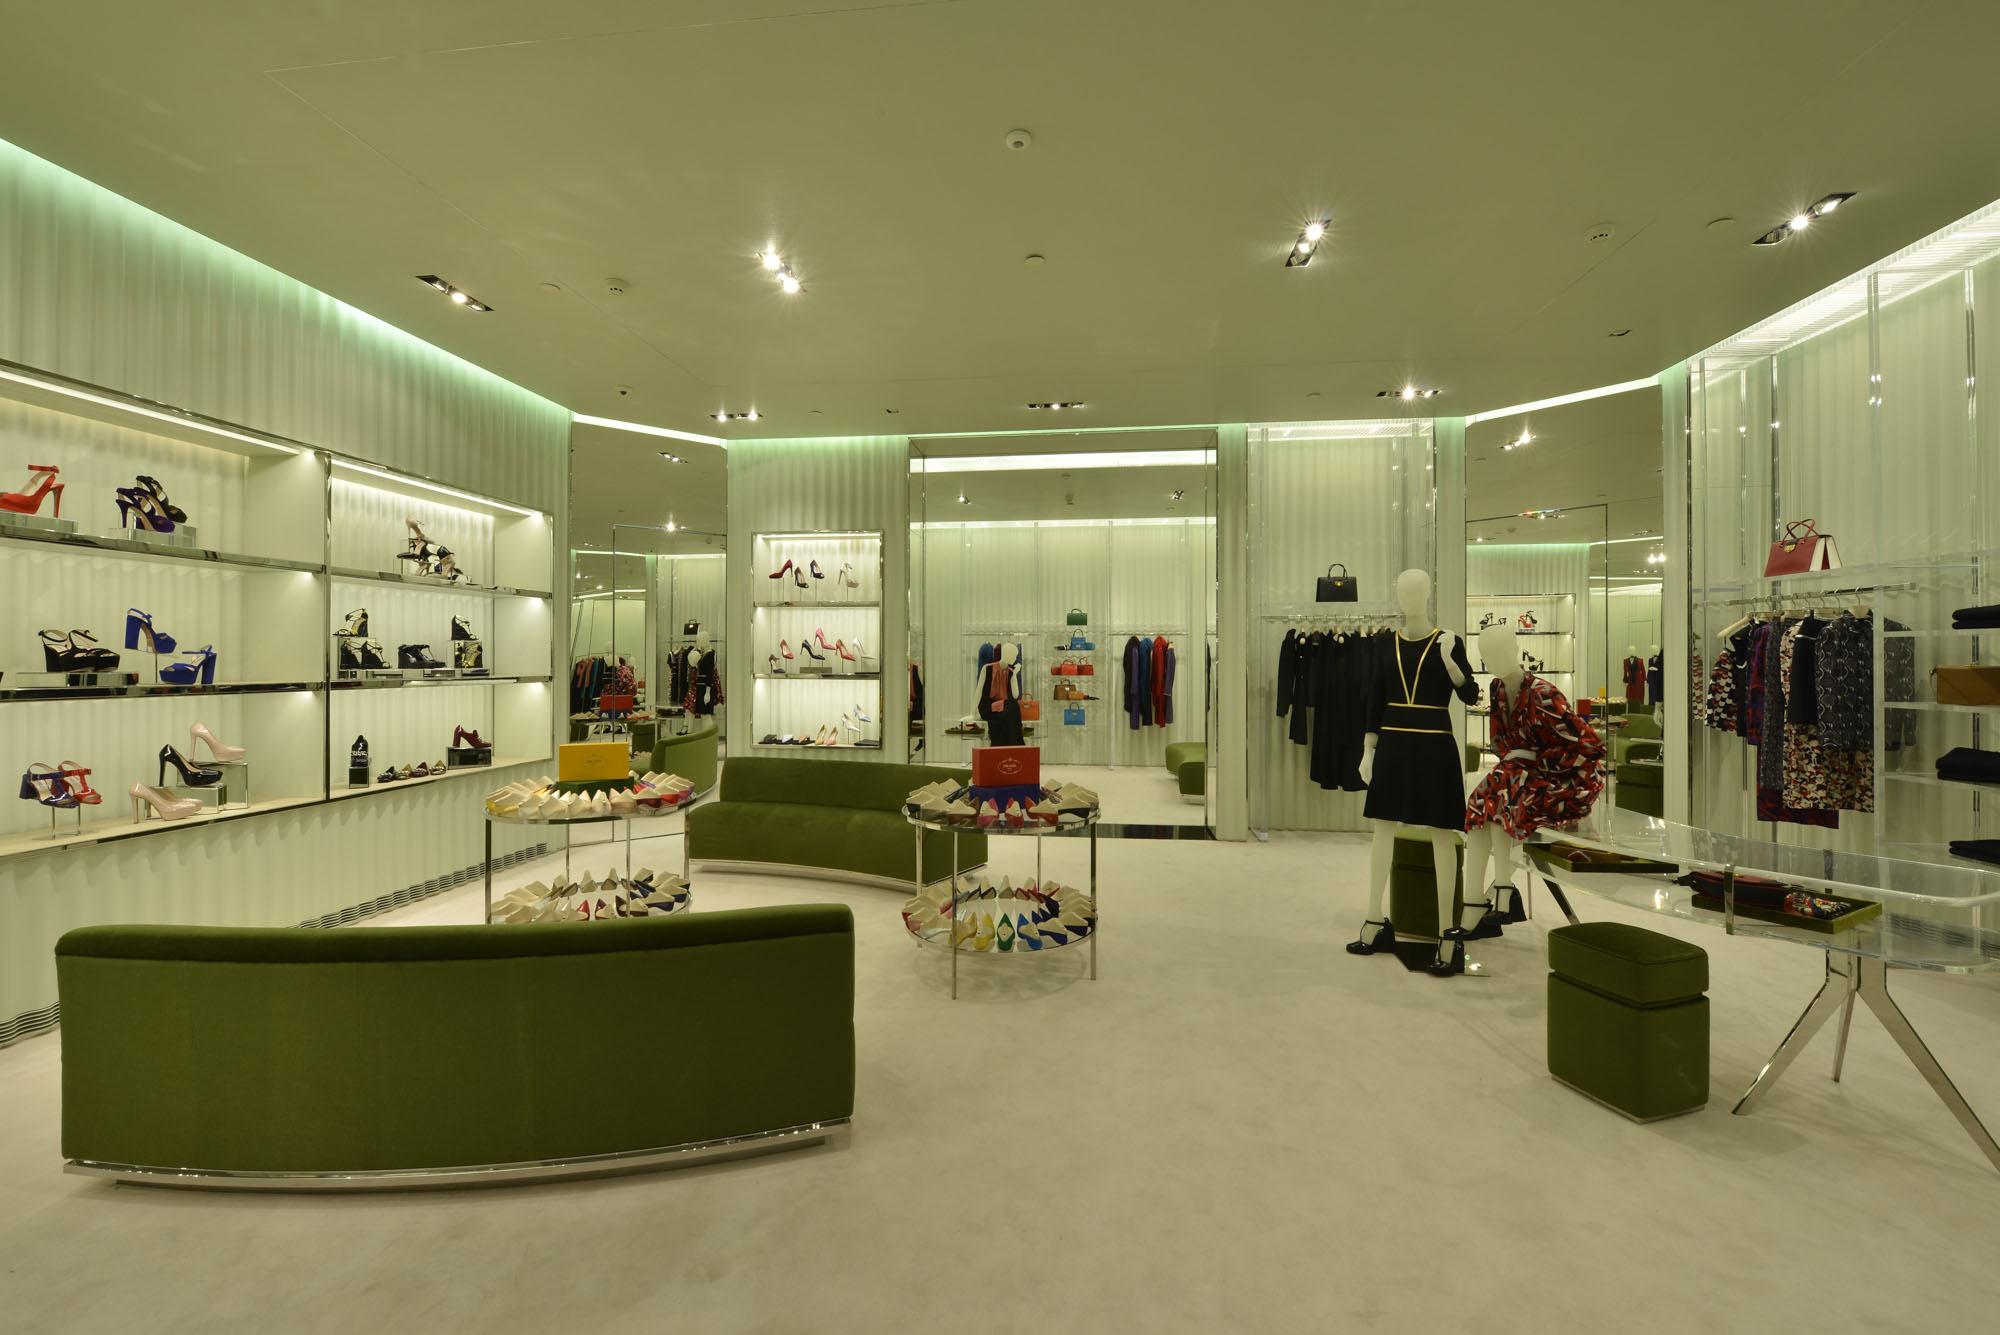 61cc6f68421cc Galeria de Fotos Por dentro da nova loja da Prada no shopping Cidade Jardim  em SP    Foto 4    Notícias    FFW